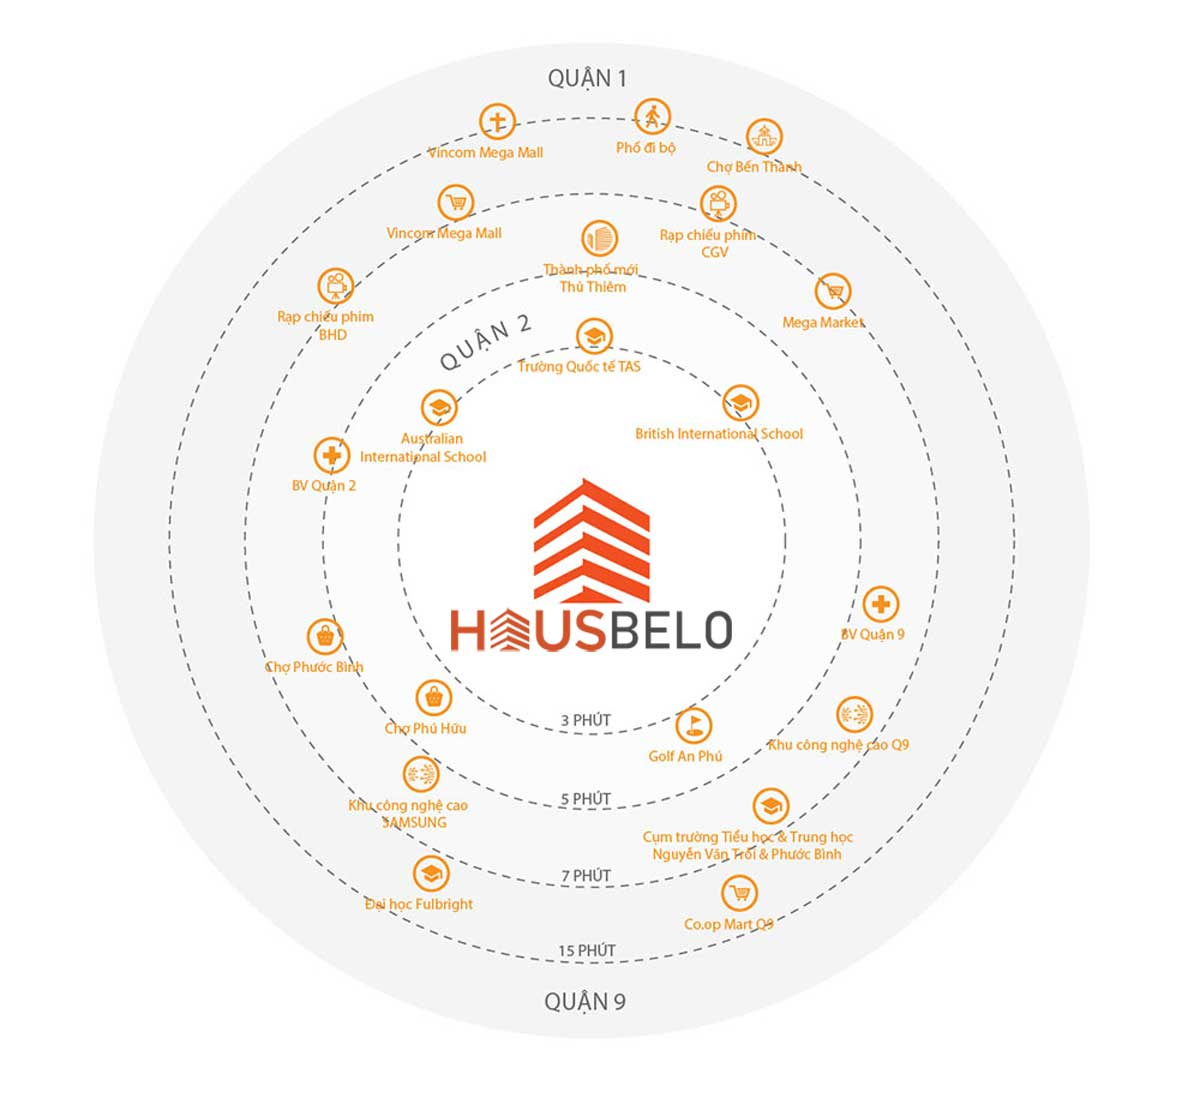 Tiện ích ngoại khu dự án căn hộ Hausbelo Quận 9